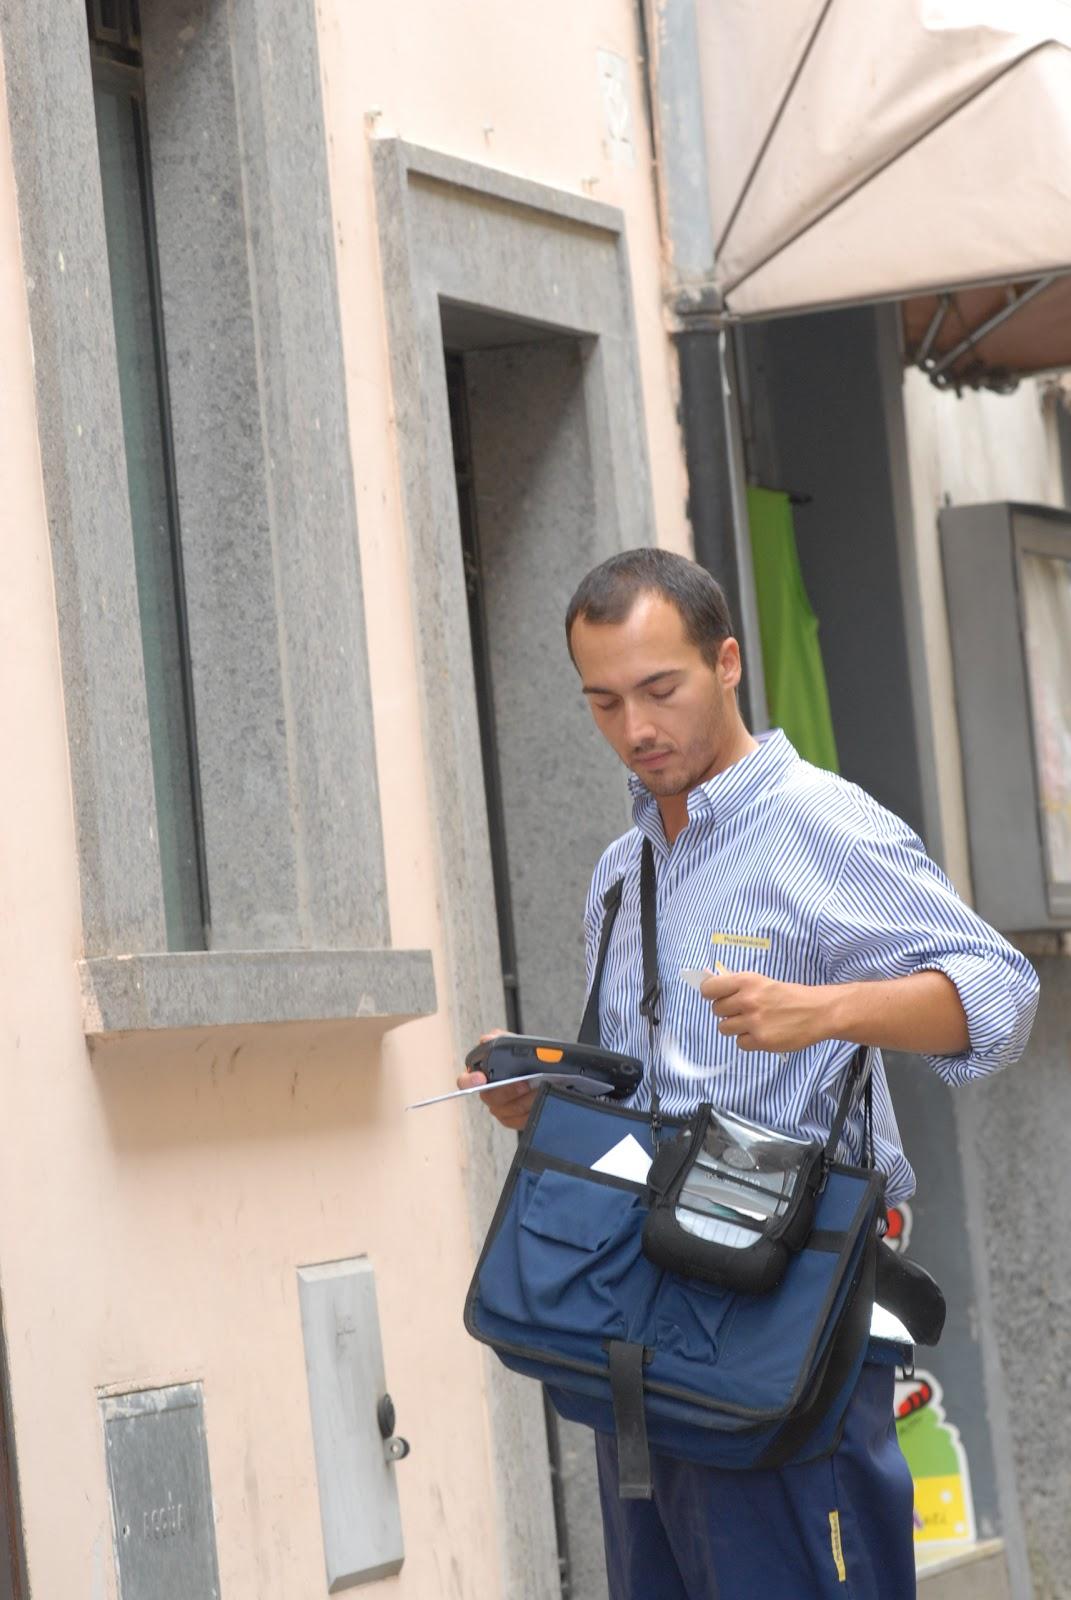 San nicola arcella news: ottobre 2012